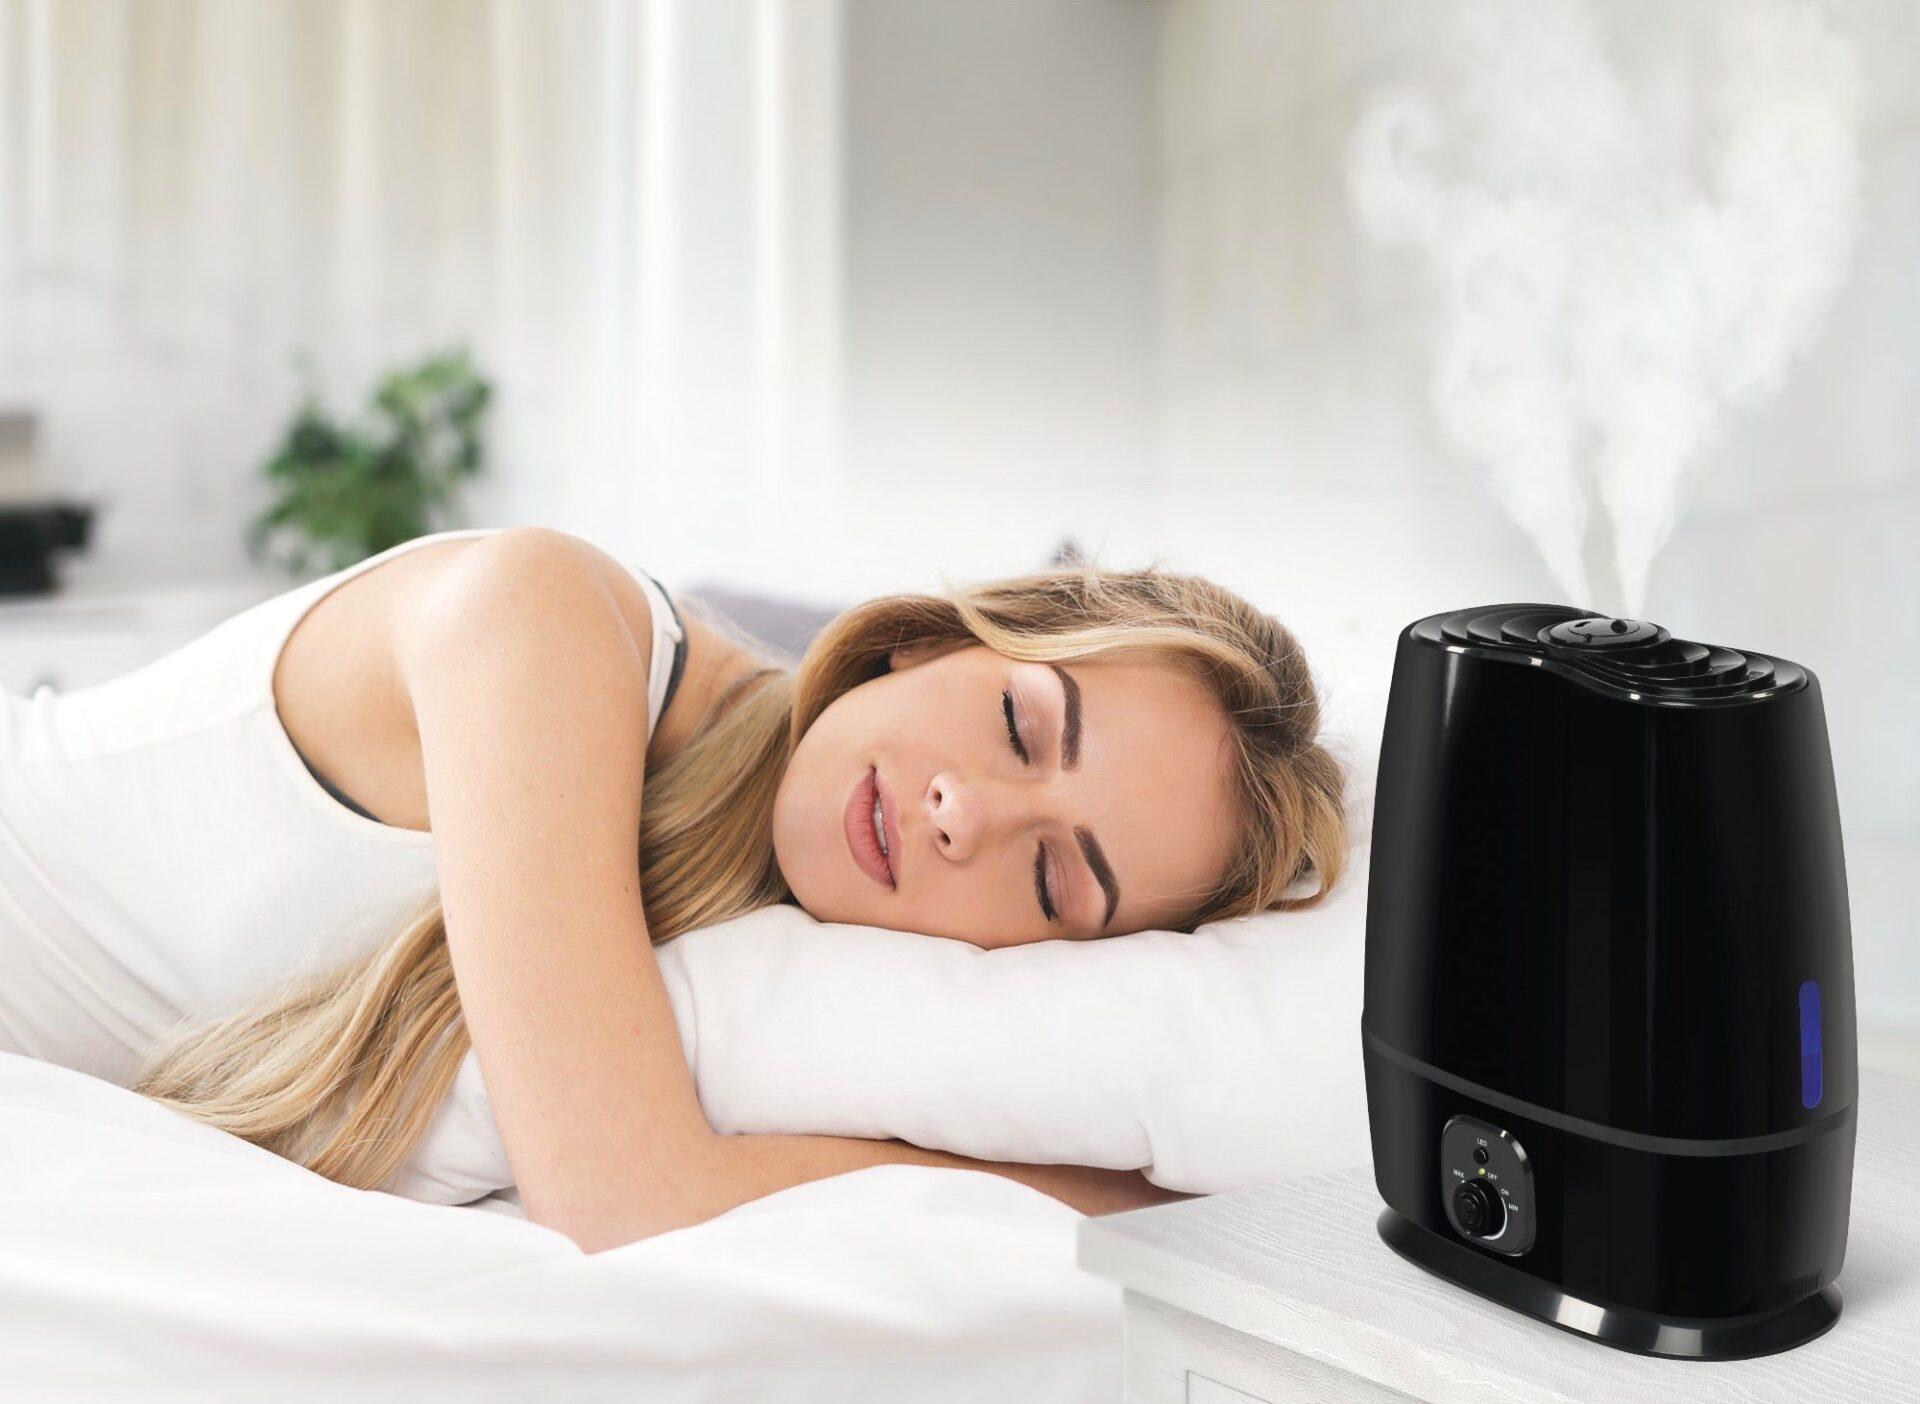 airalia dormir humidificador